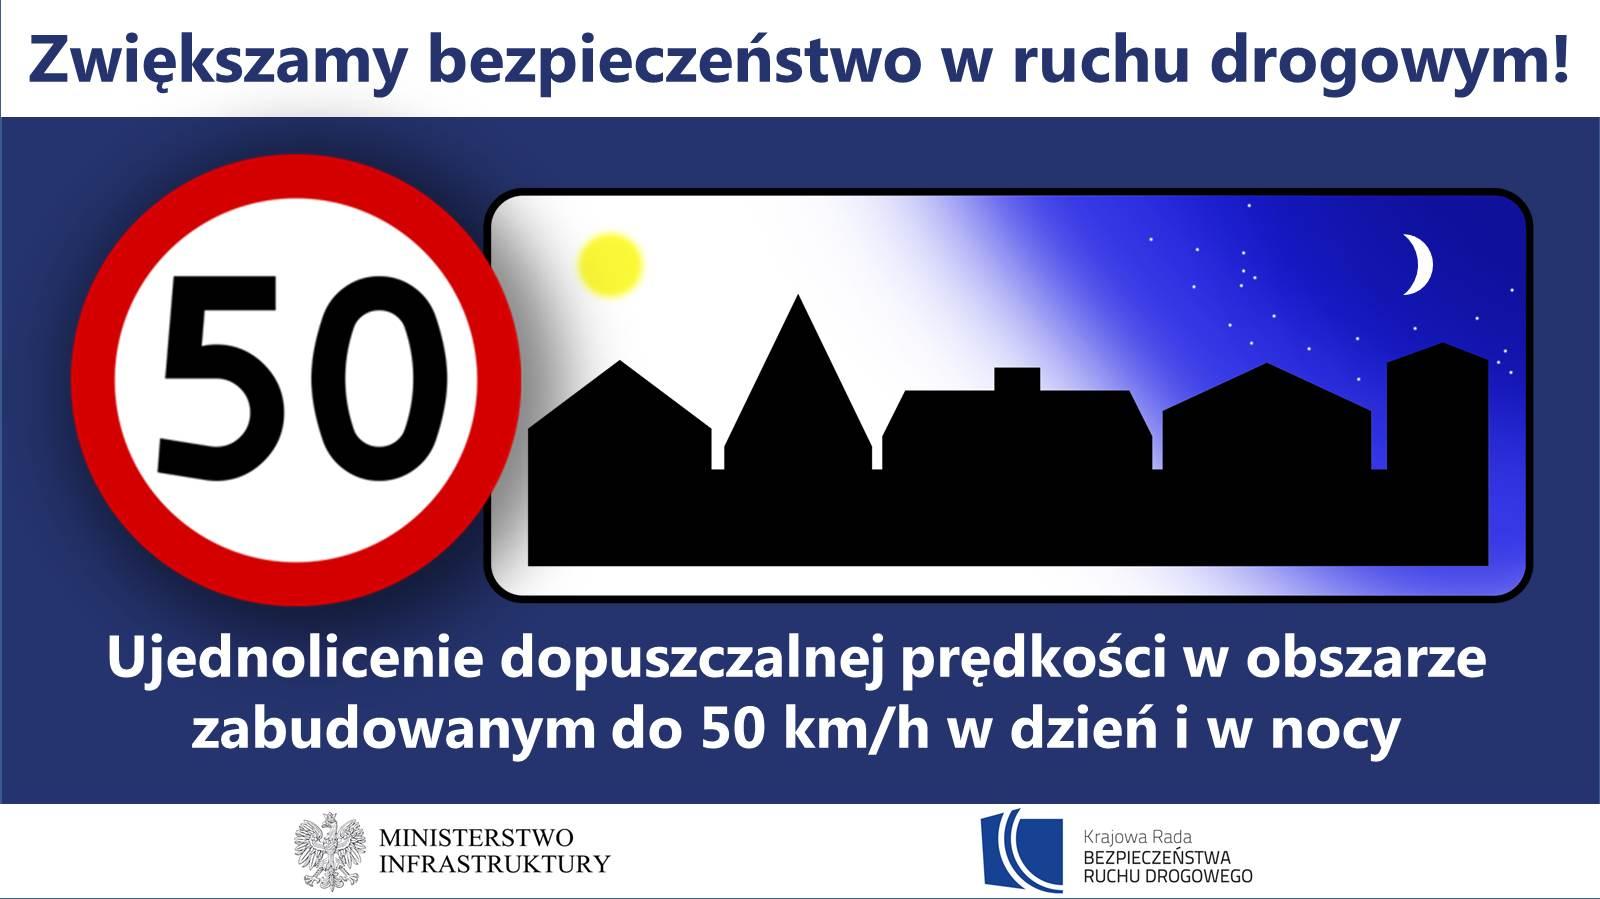 Ujednolicenie prędkości w terenie zabudowanym